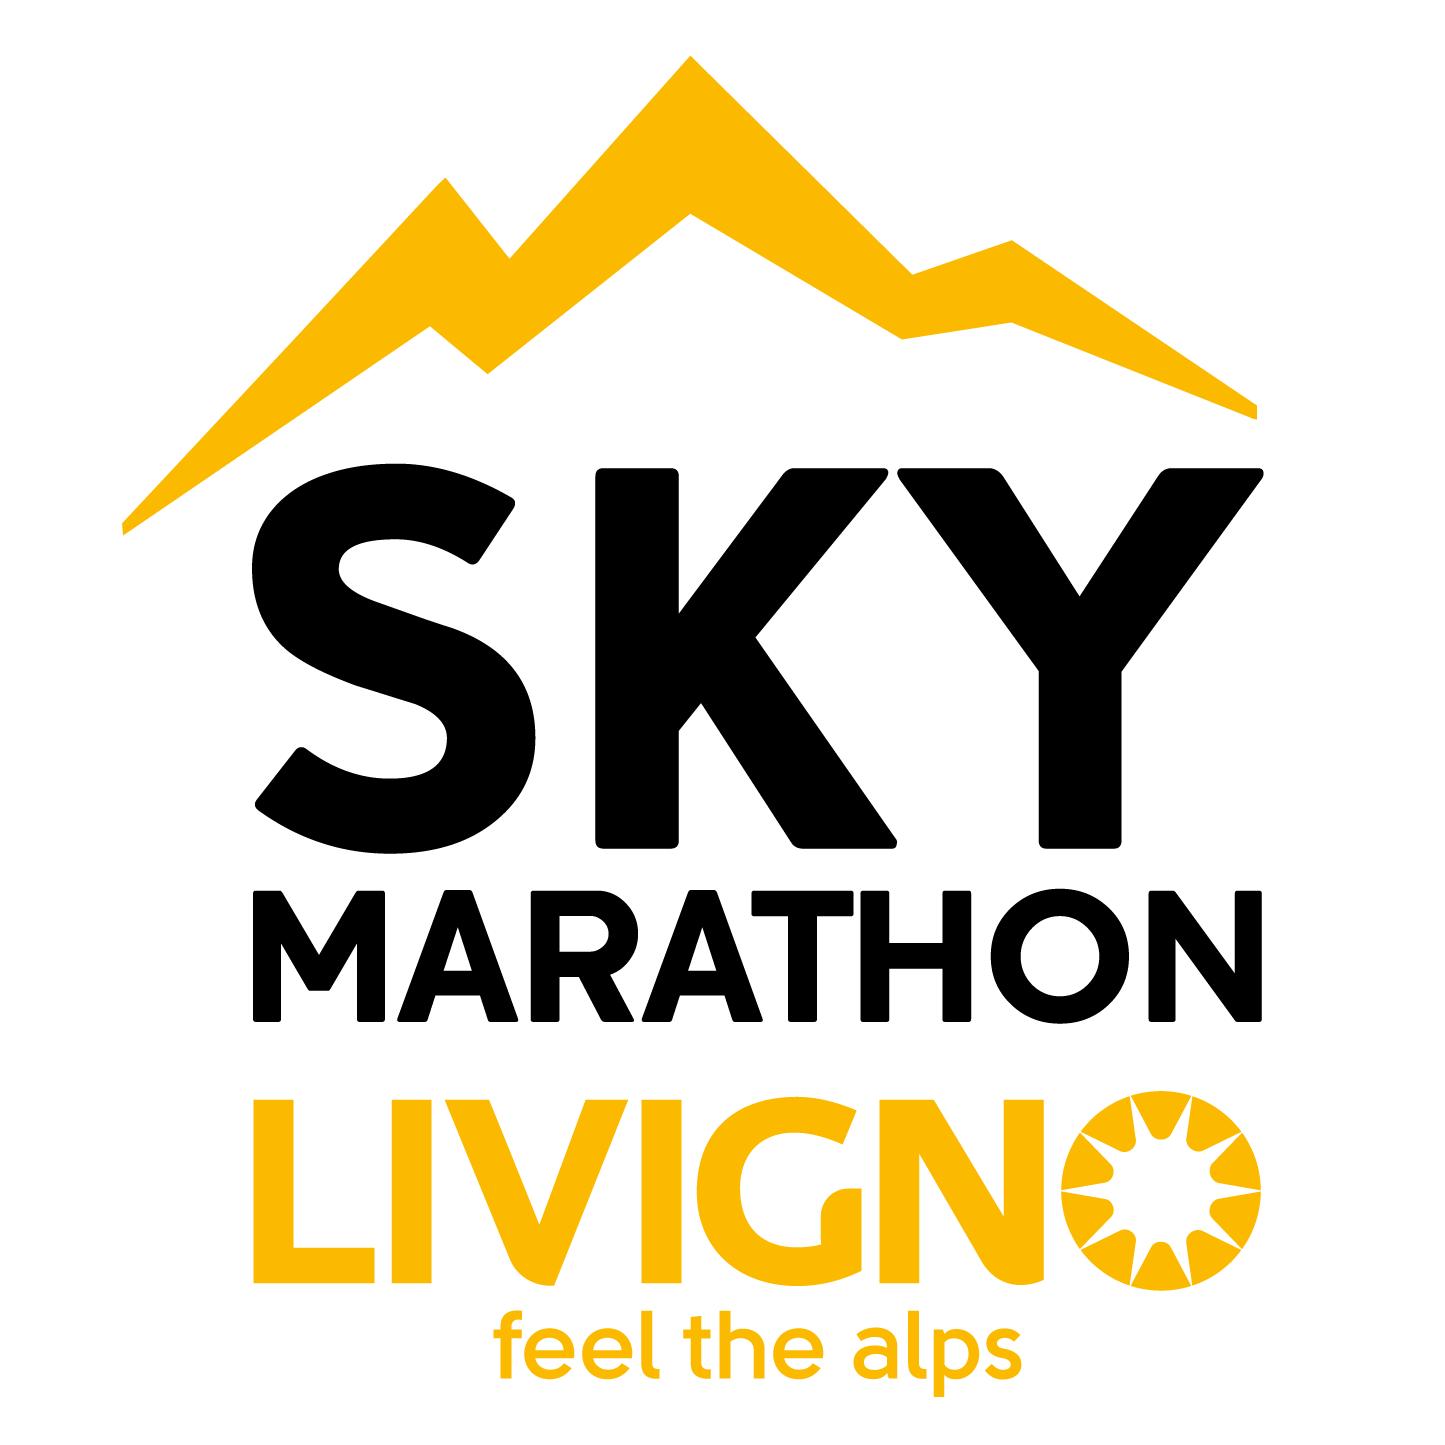 Logo-Sky-Marathon-Livigno